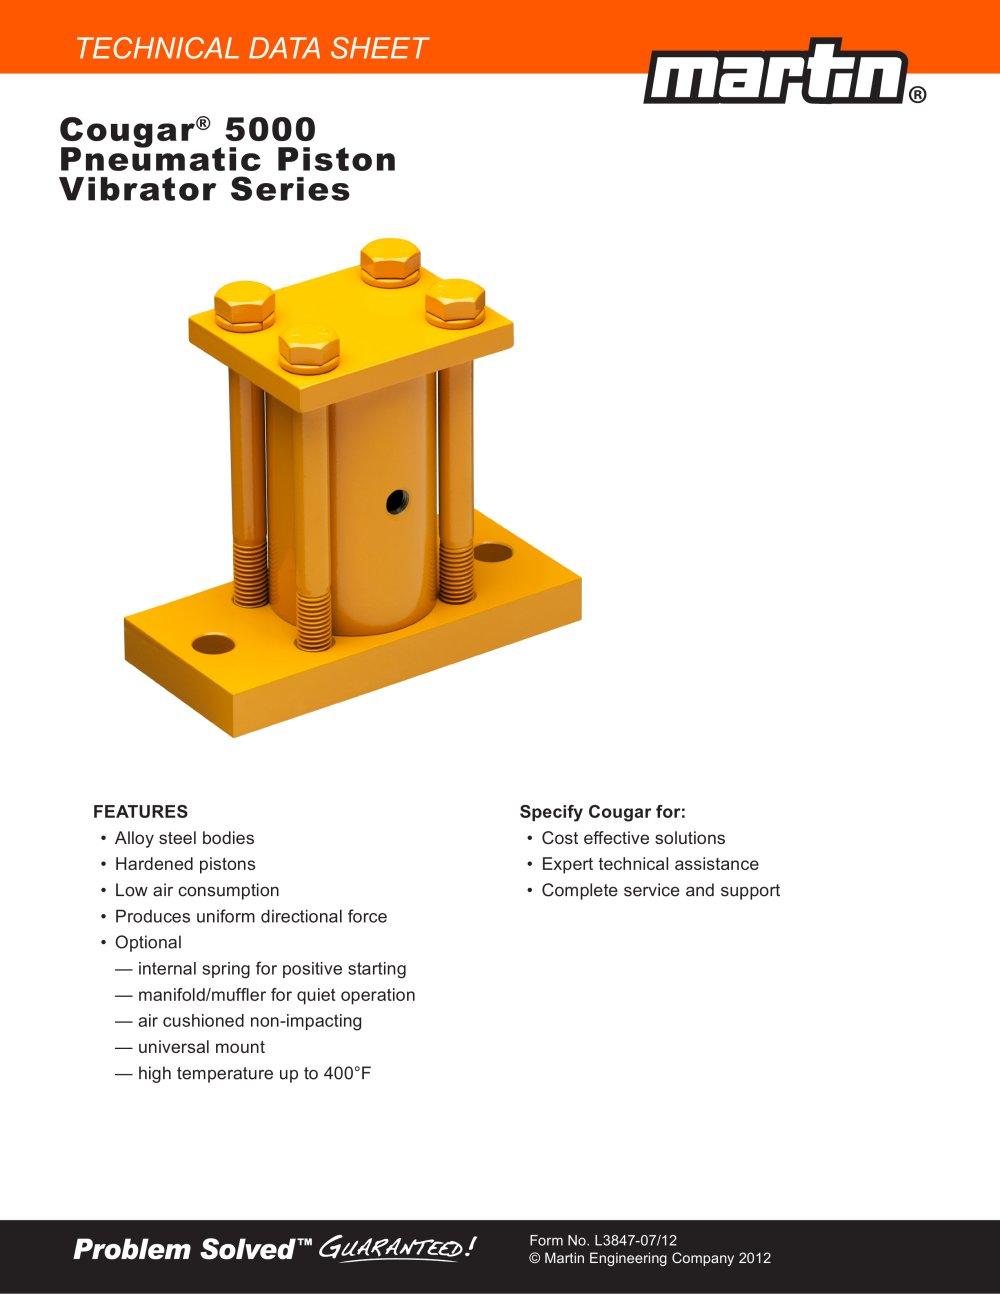 Cougar® 5000 Series Piston Vibrators - 1 / 2 Pages